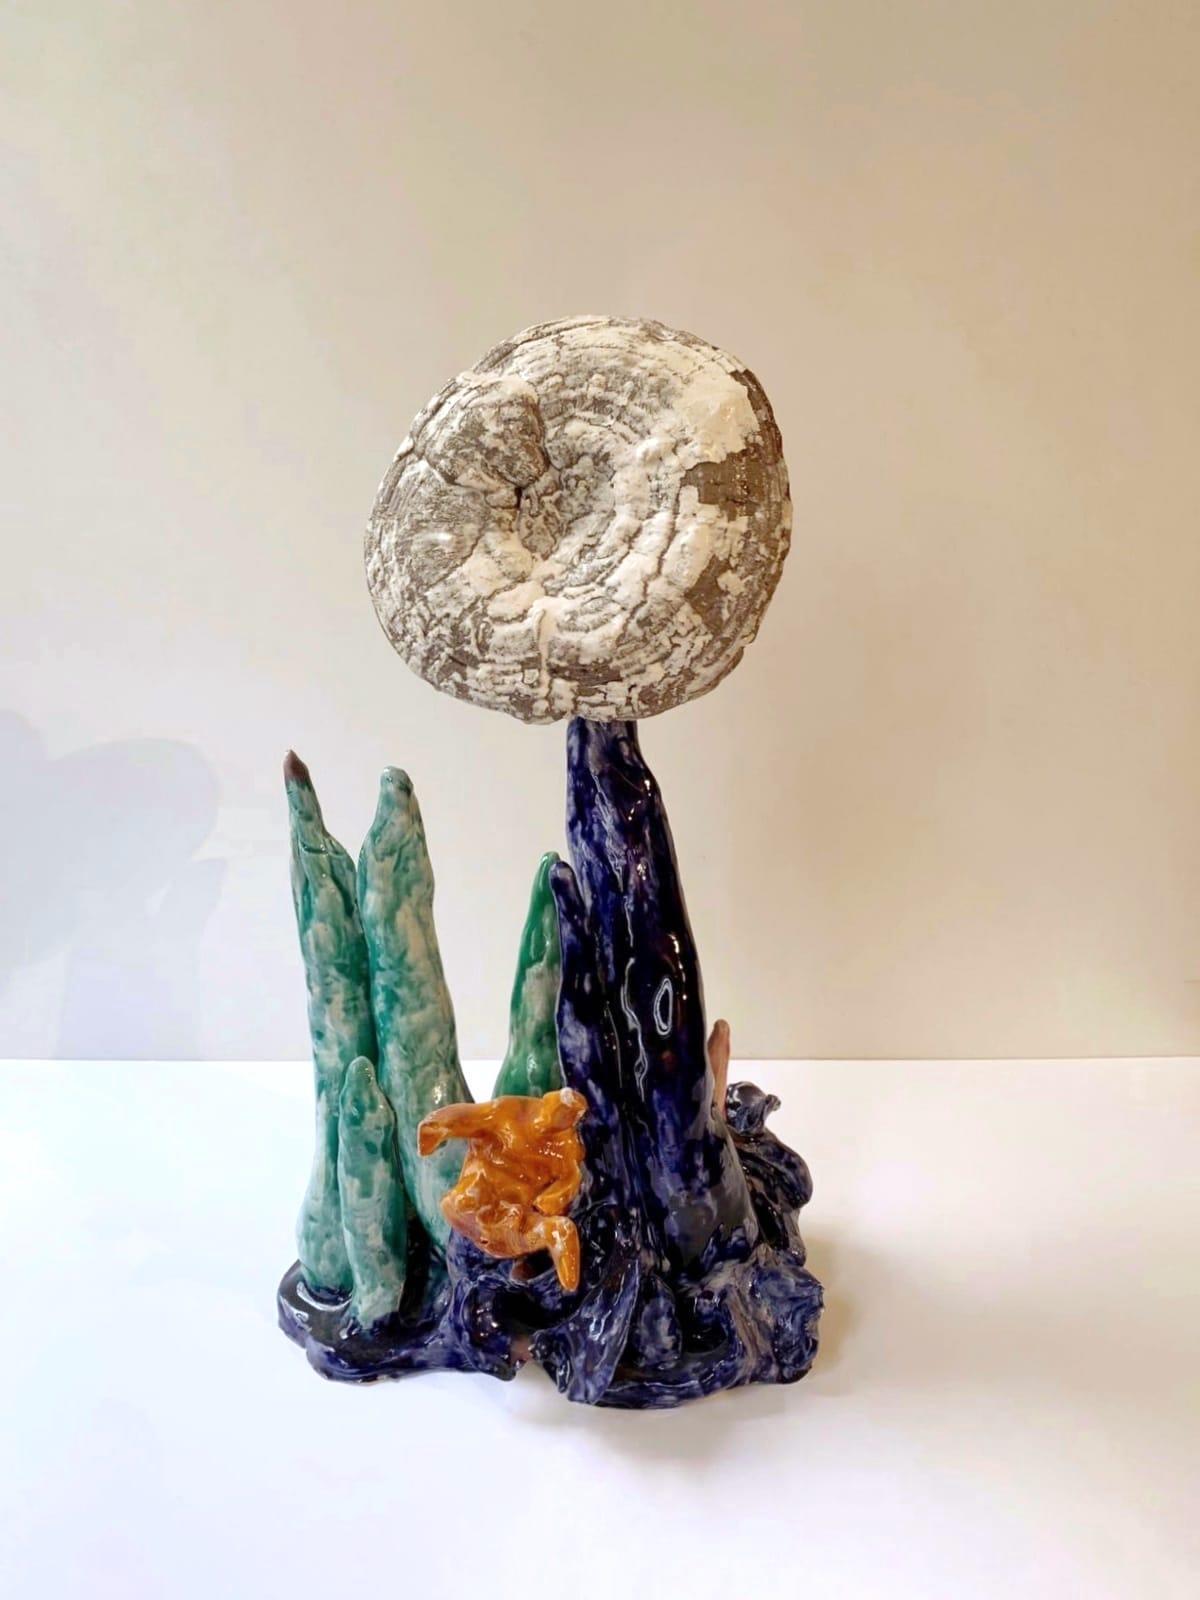 Michele Ciacciofera, Earth Island #2, 2018, glazed ceramic, dried ganoderma lucidum, acrylic, 53x29x29 cm